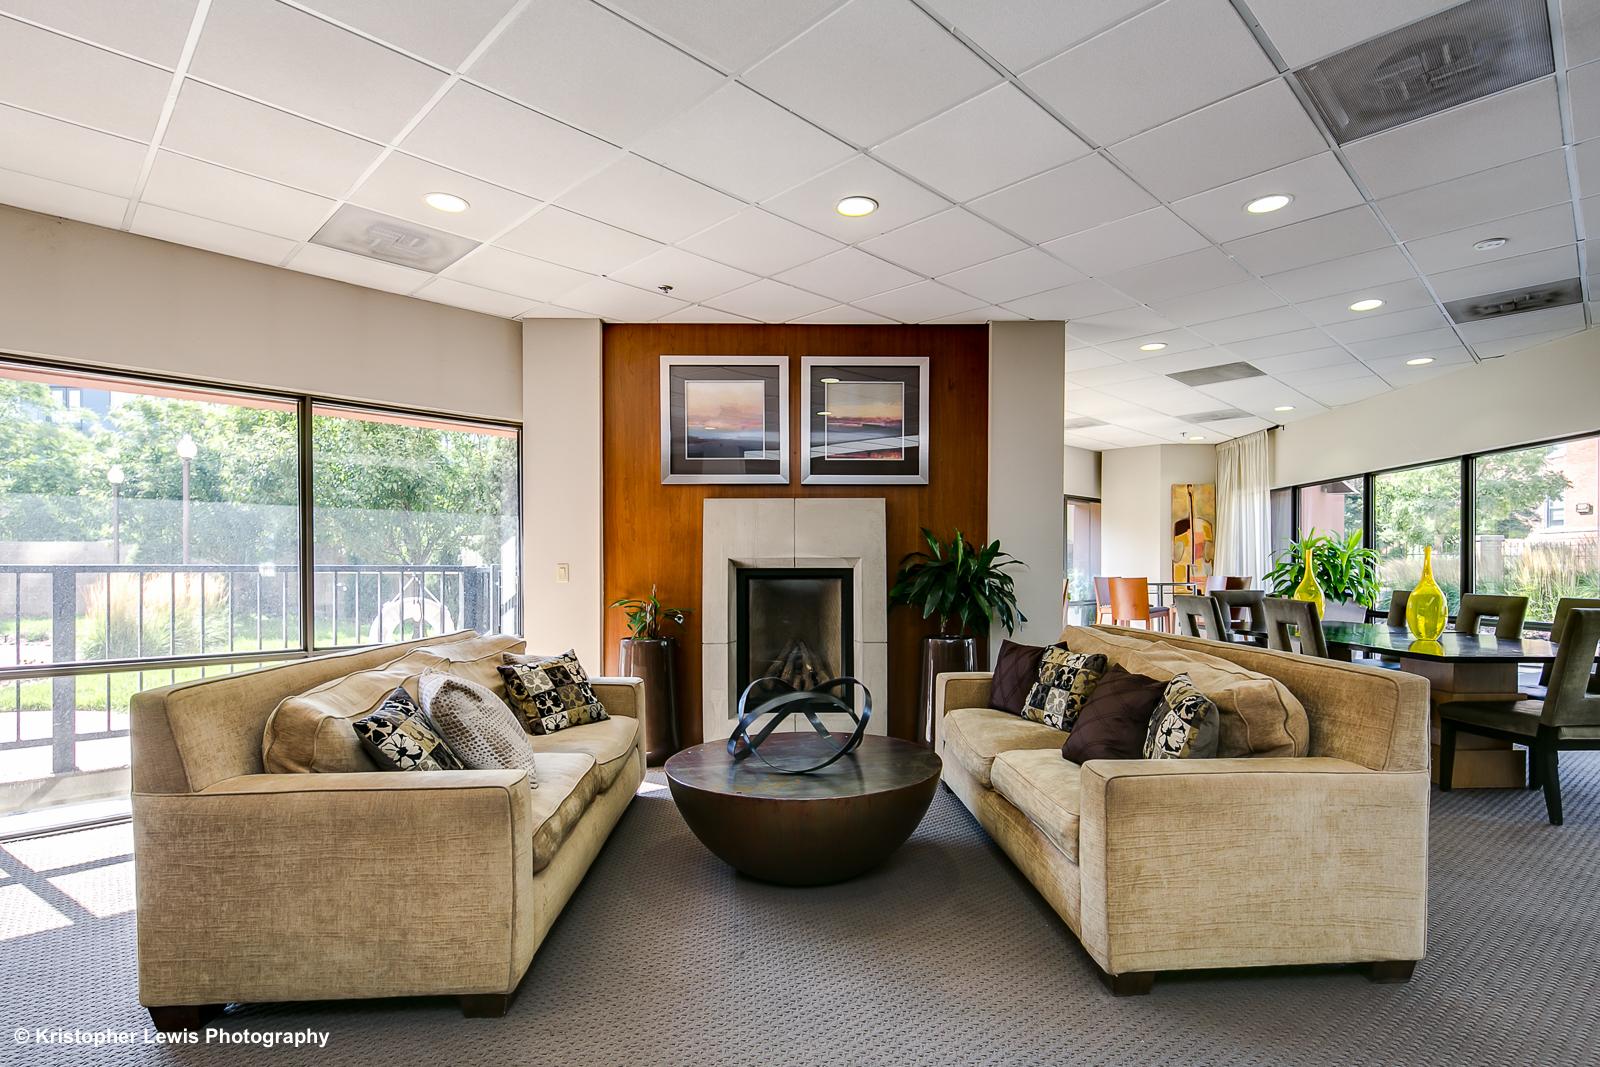 100 Park Ave West Uptown Denver Apartments Boutique